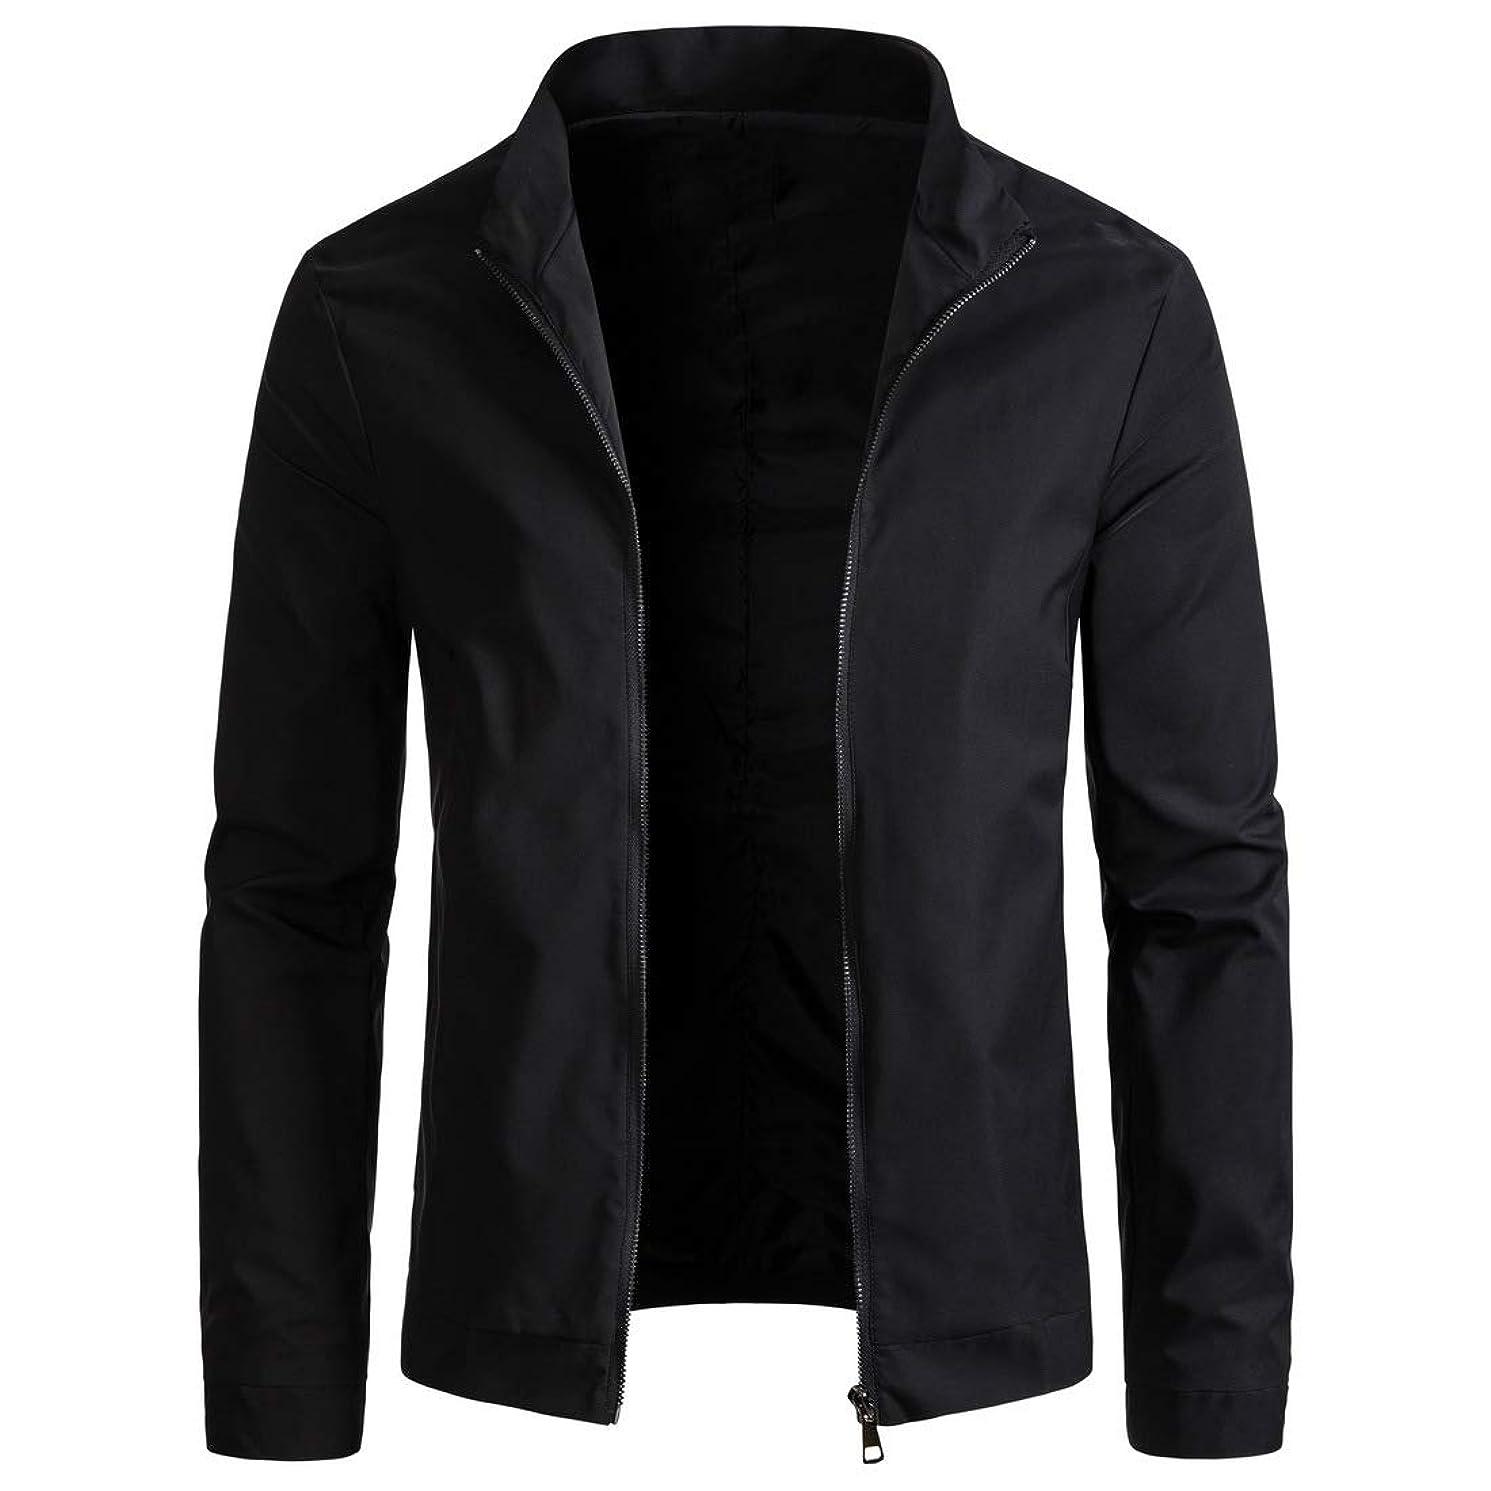 WULFUL Mens Slim Fit Lightweight Windbreaker Casual Jacket Waterproof Outdoor Sportswear